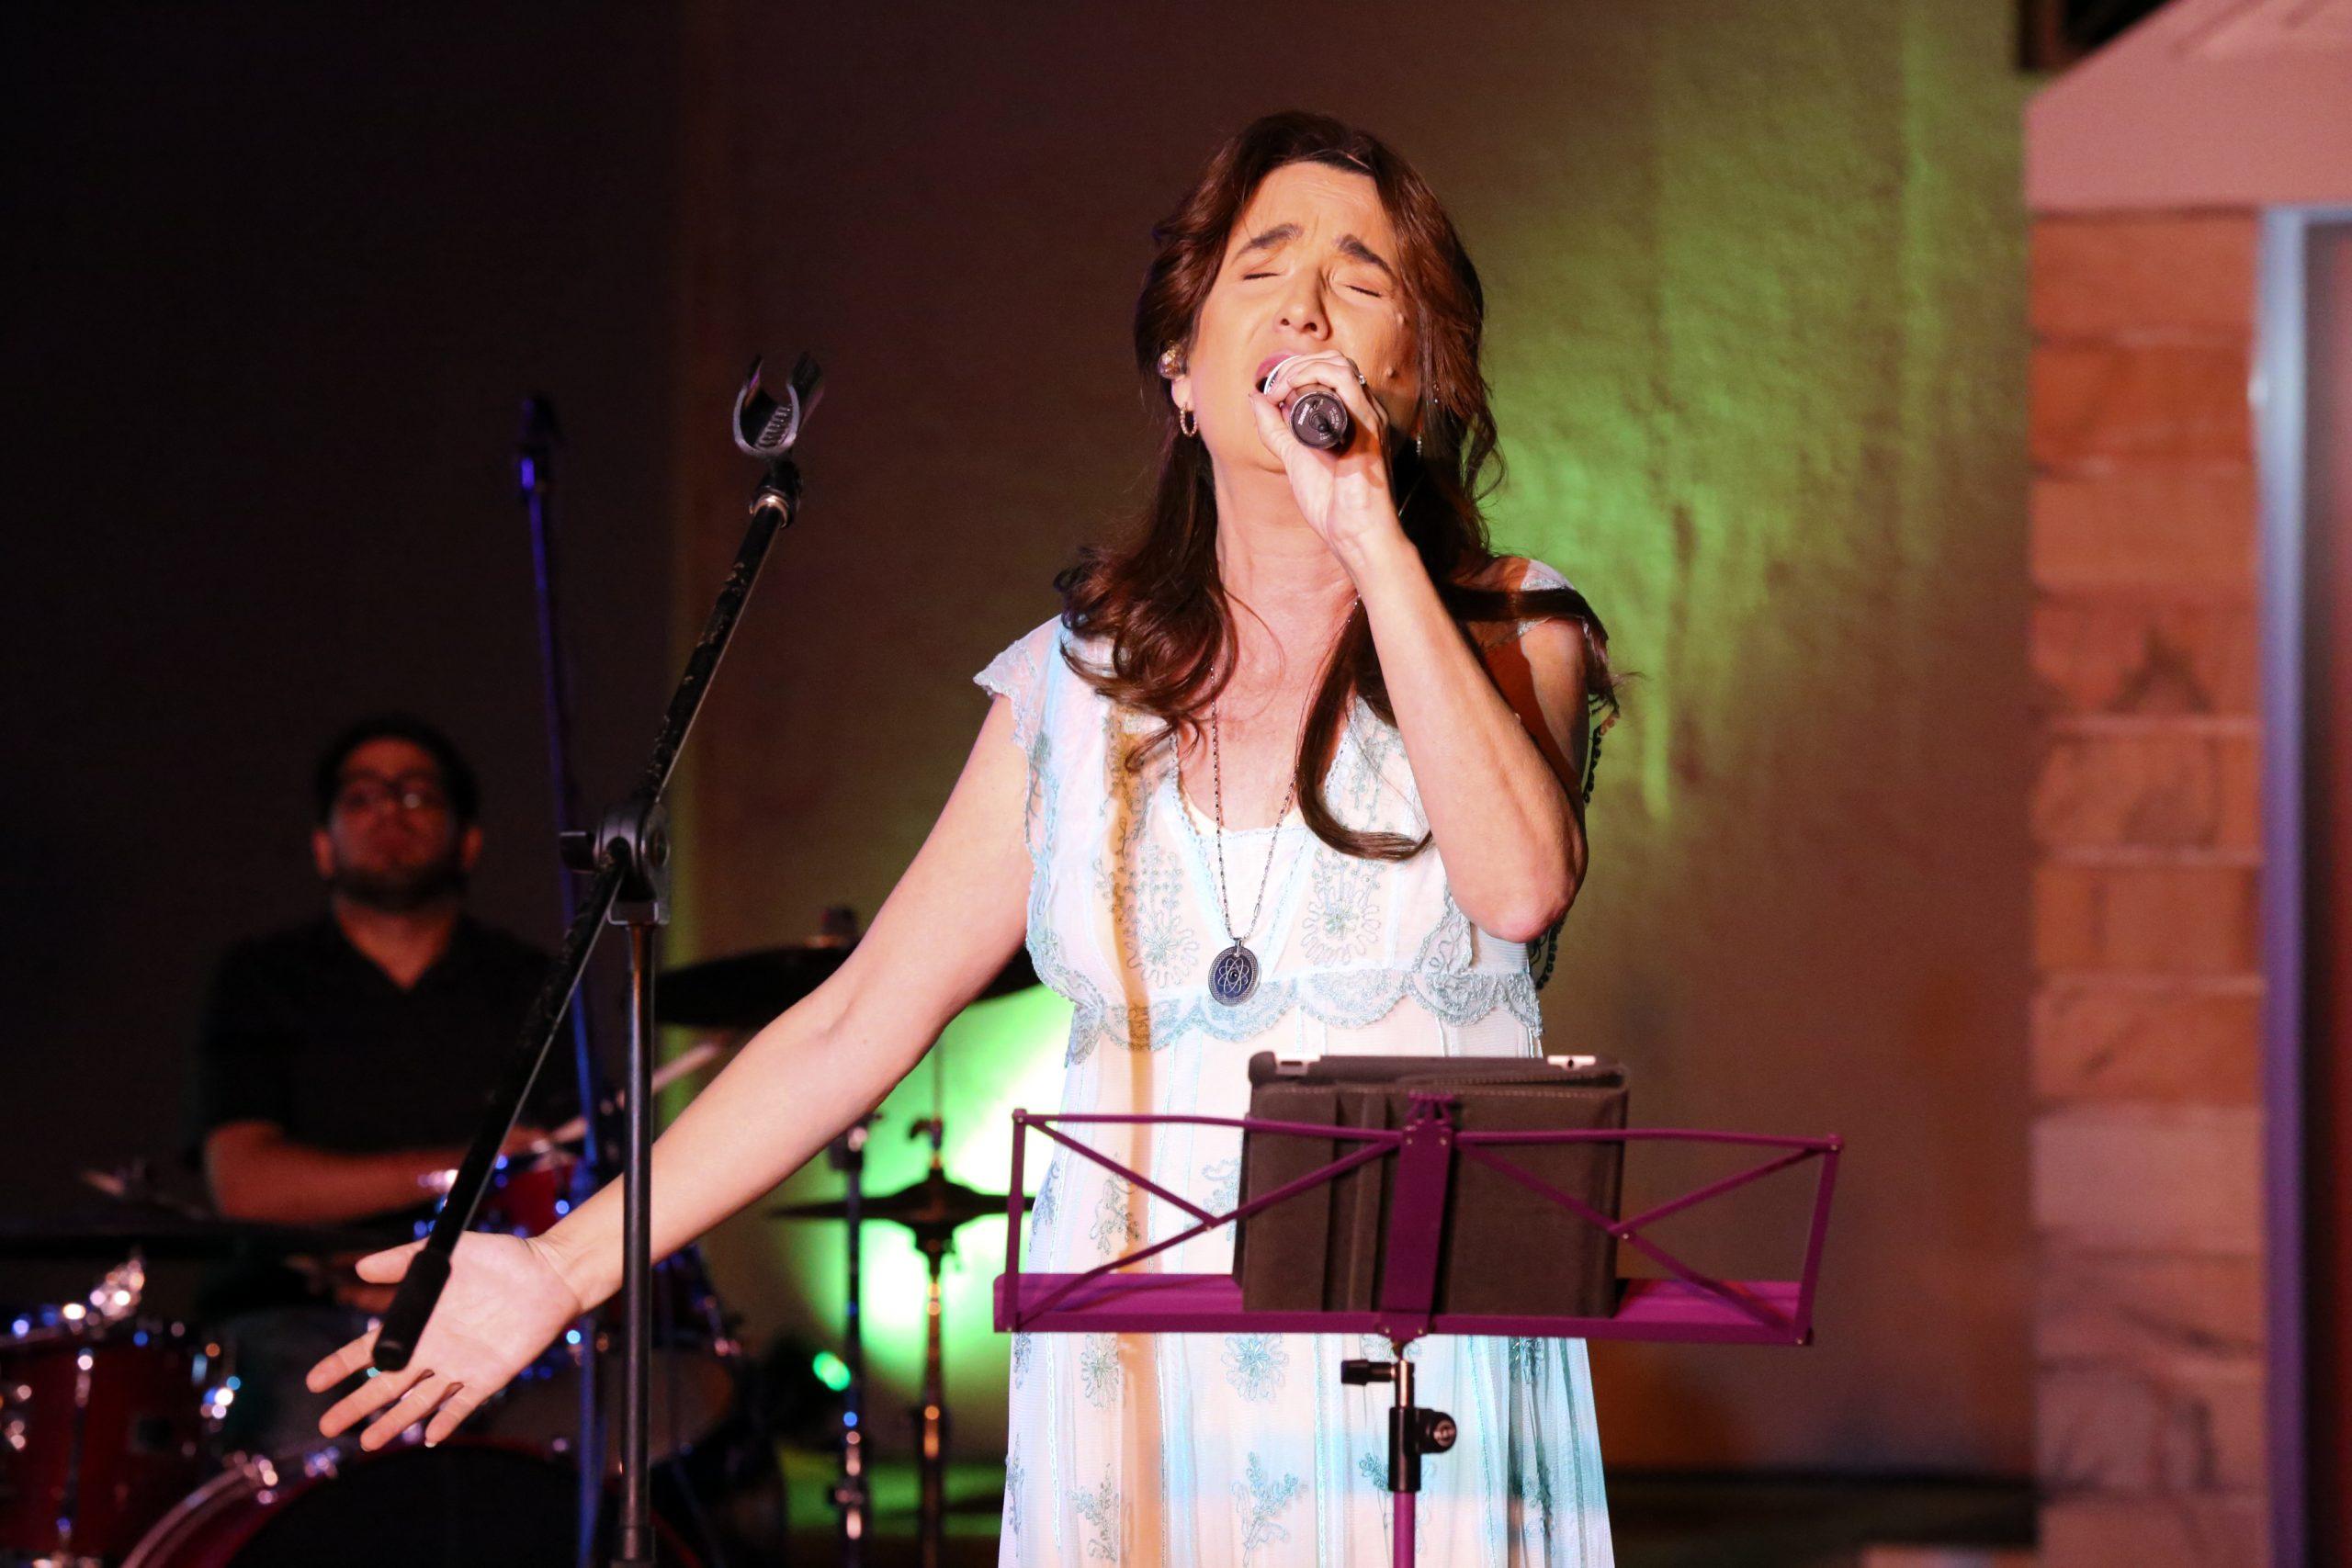 La canatutora dicta un curso sobre universitario sobre el desarrollo de la nueva canción. (Foto Alí Francis García)